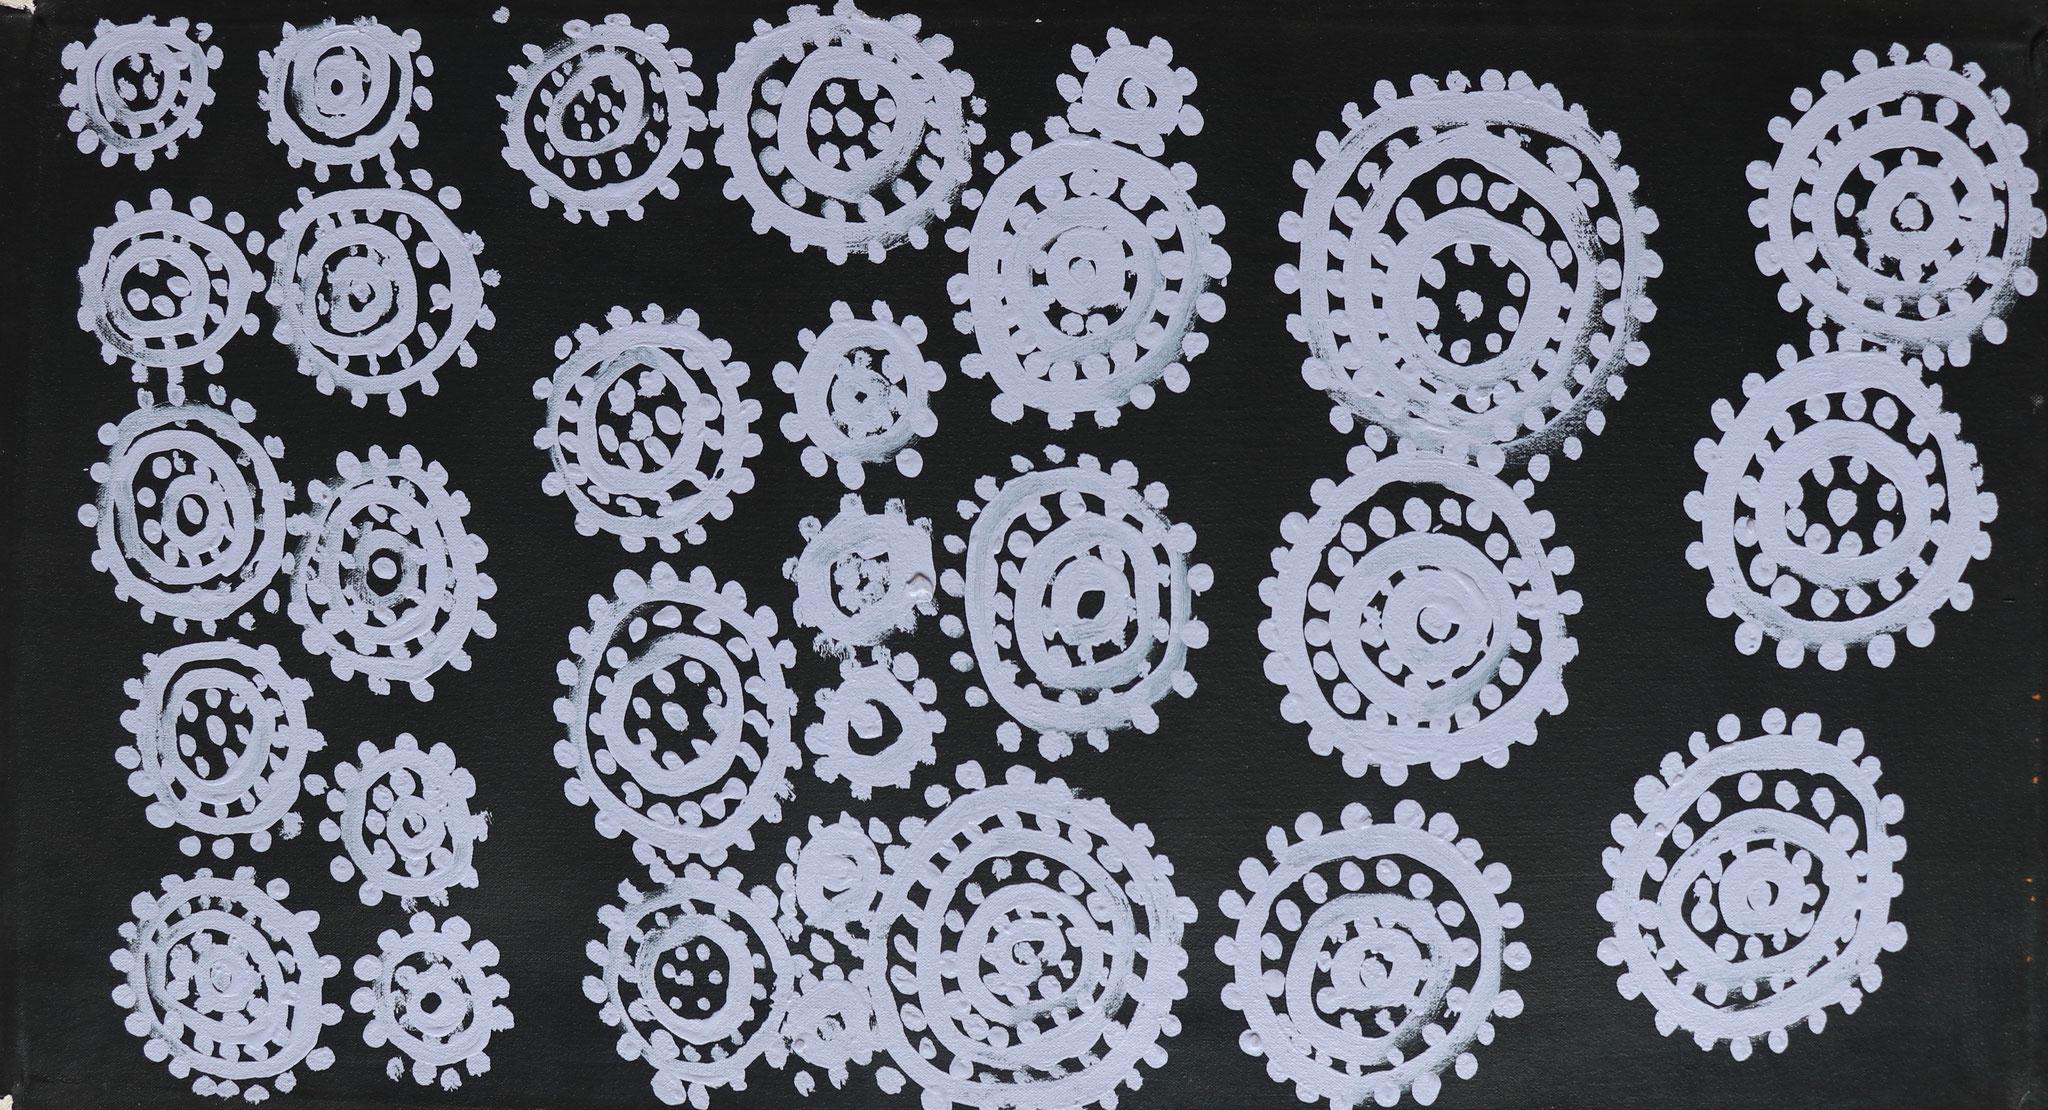 ジミー・ヌカティ 「ウォーター・ドリーミング」 470x830mm